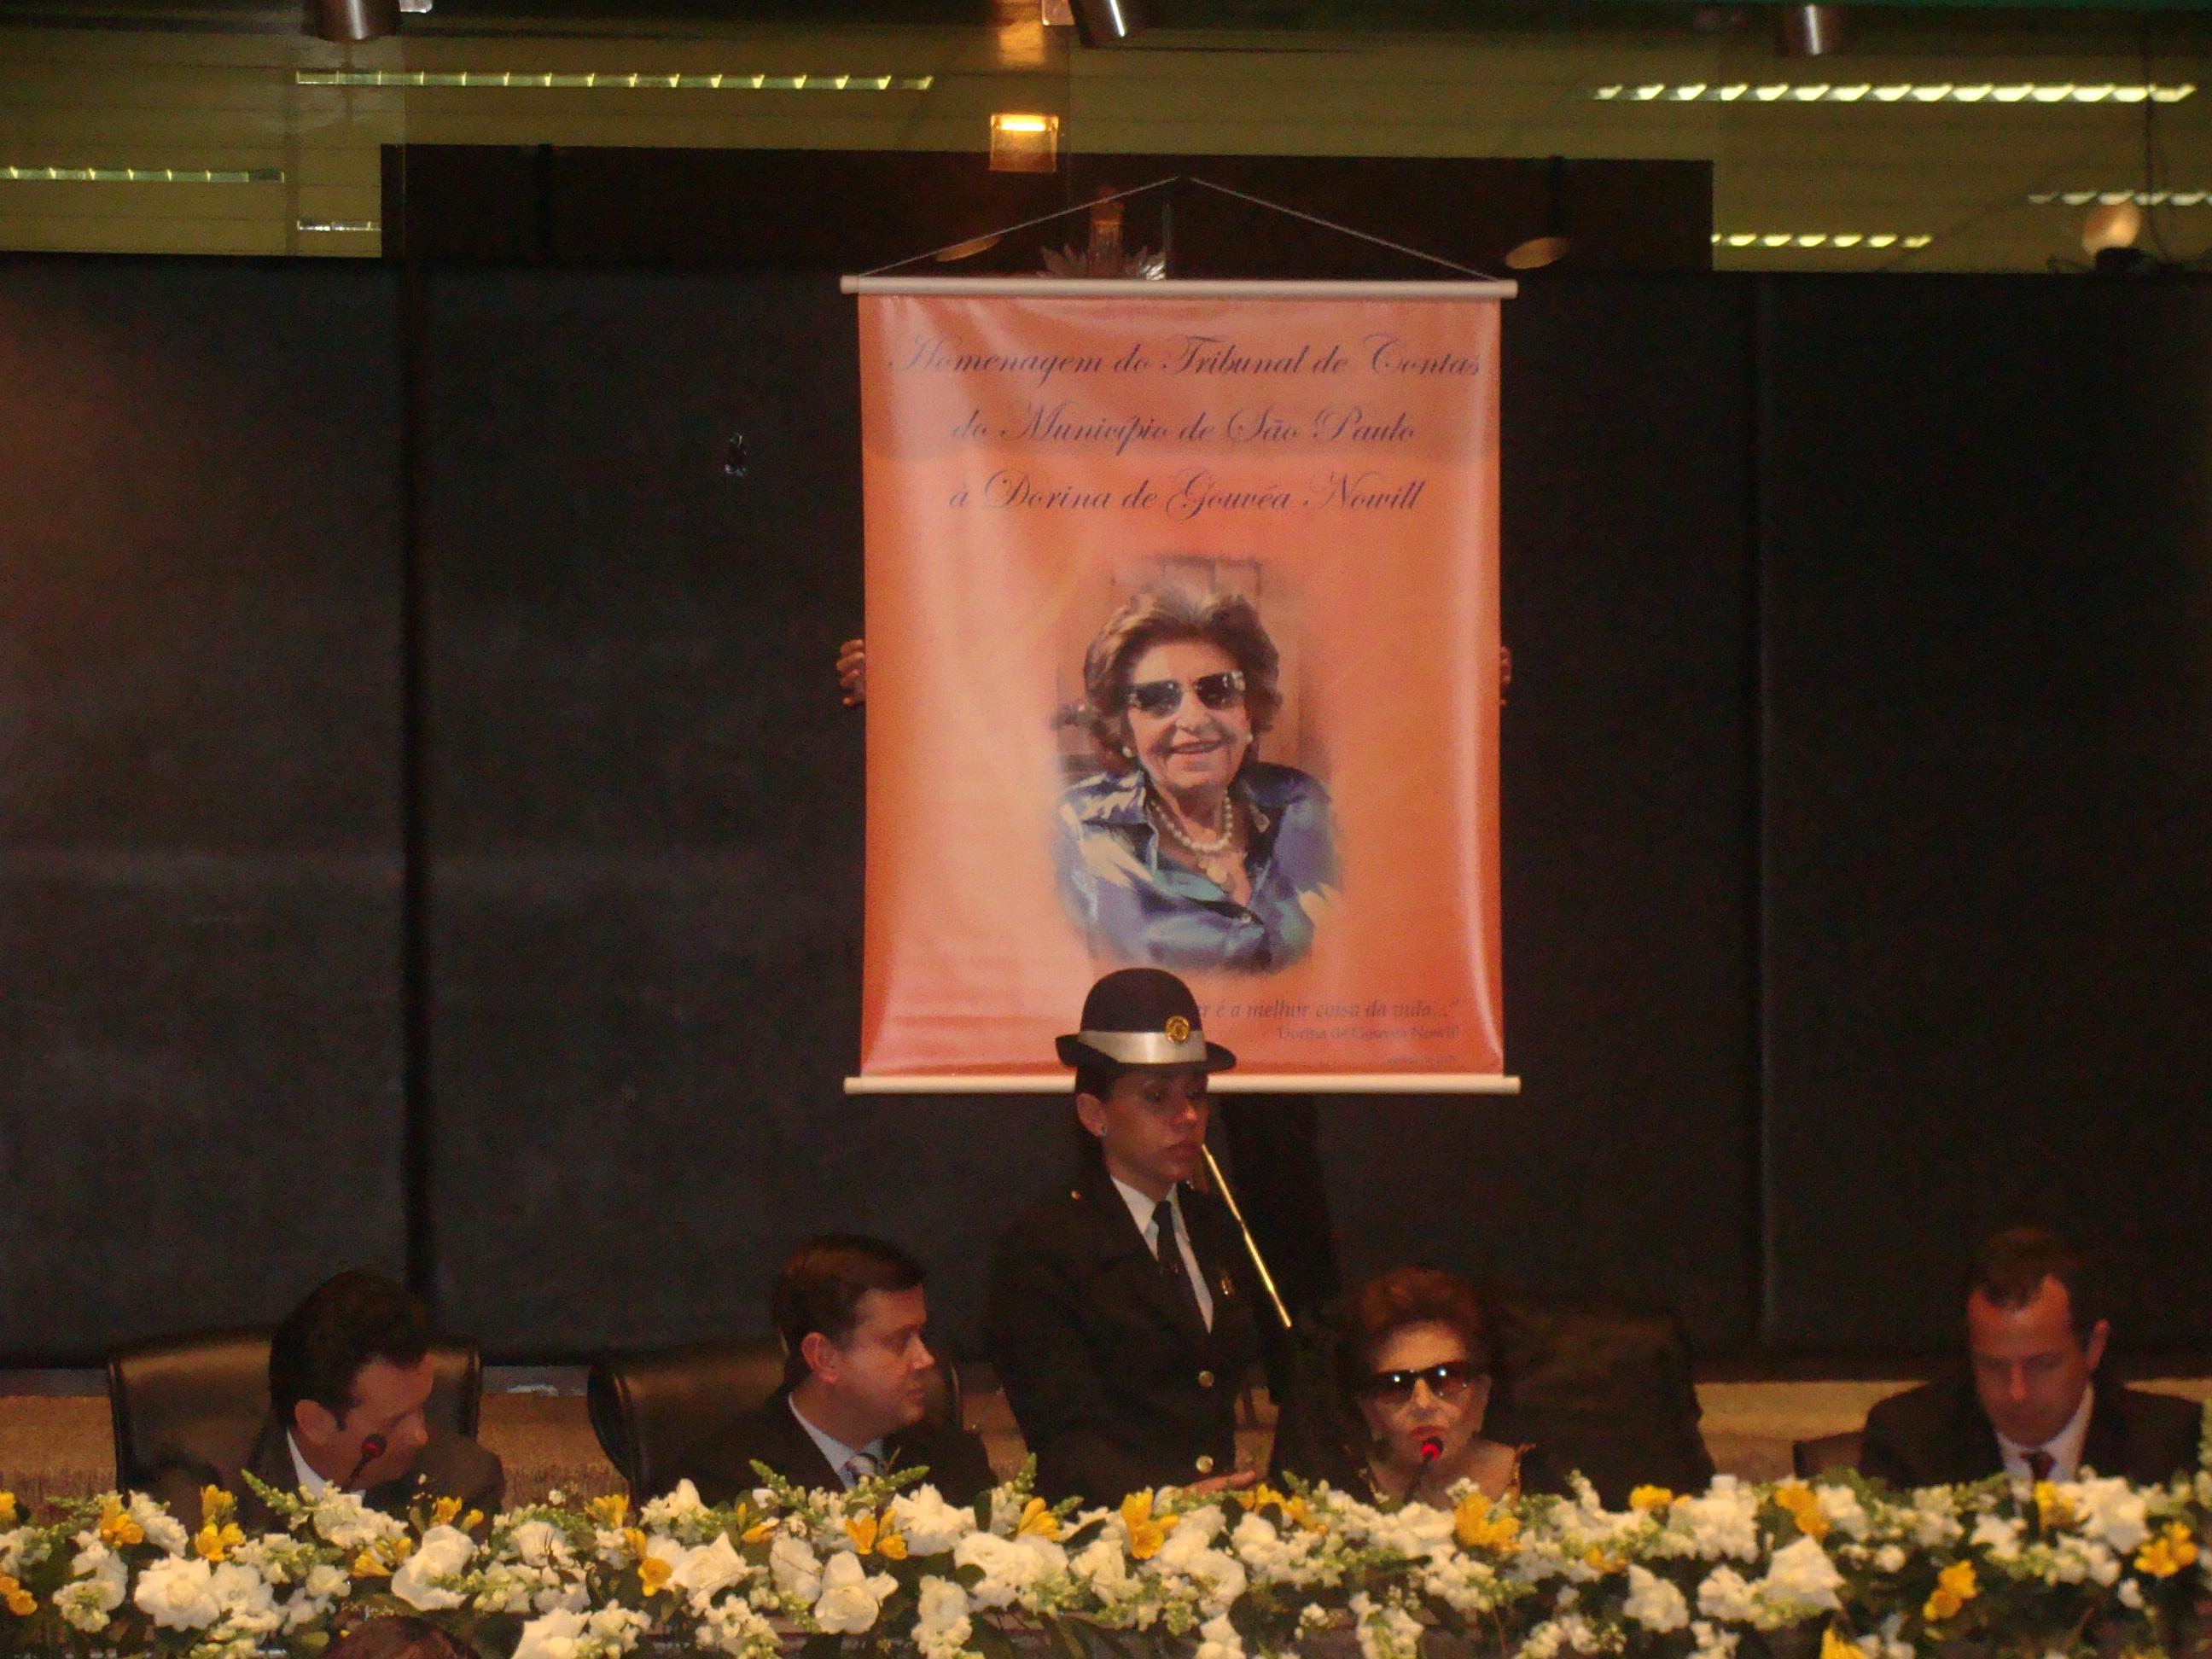 Foto de Dorina Nowill no tribunal de contas do Município de São Paulo.